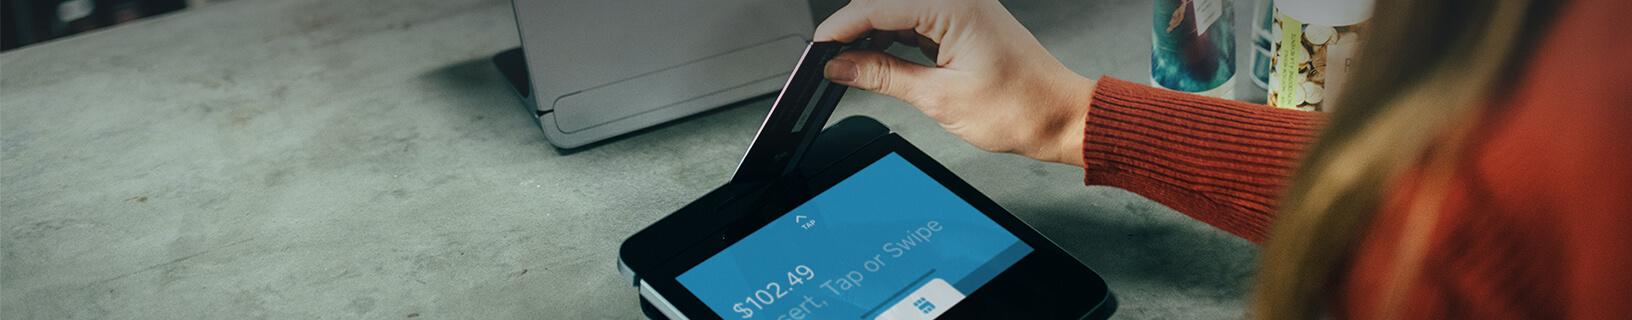 Kreditkarte-im-ausland-nutzen-Desktop-HD